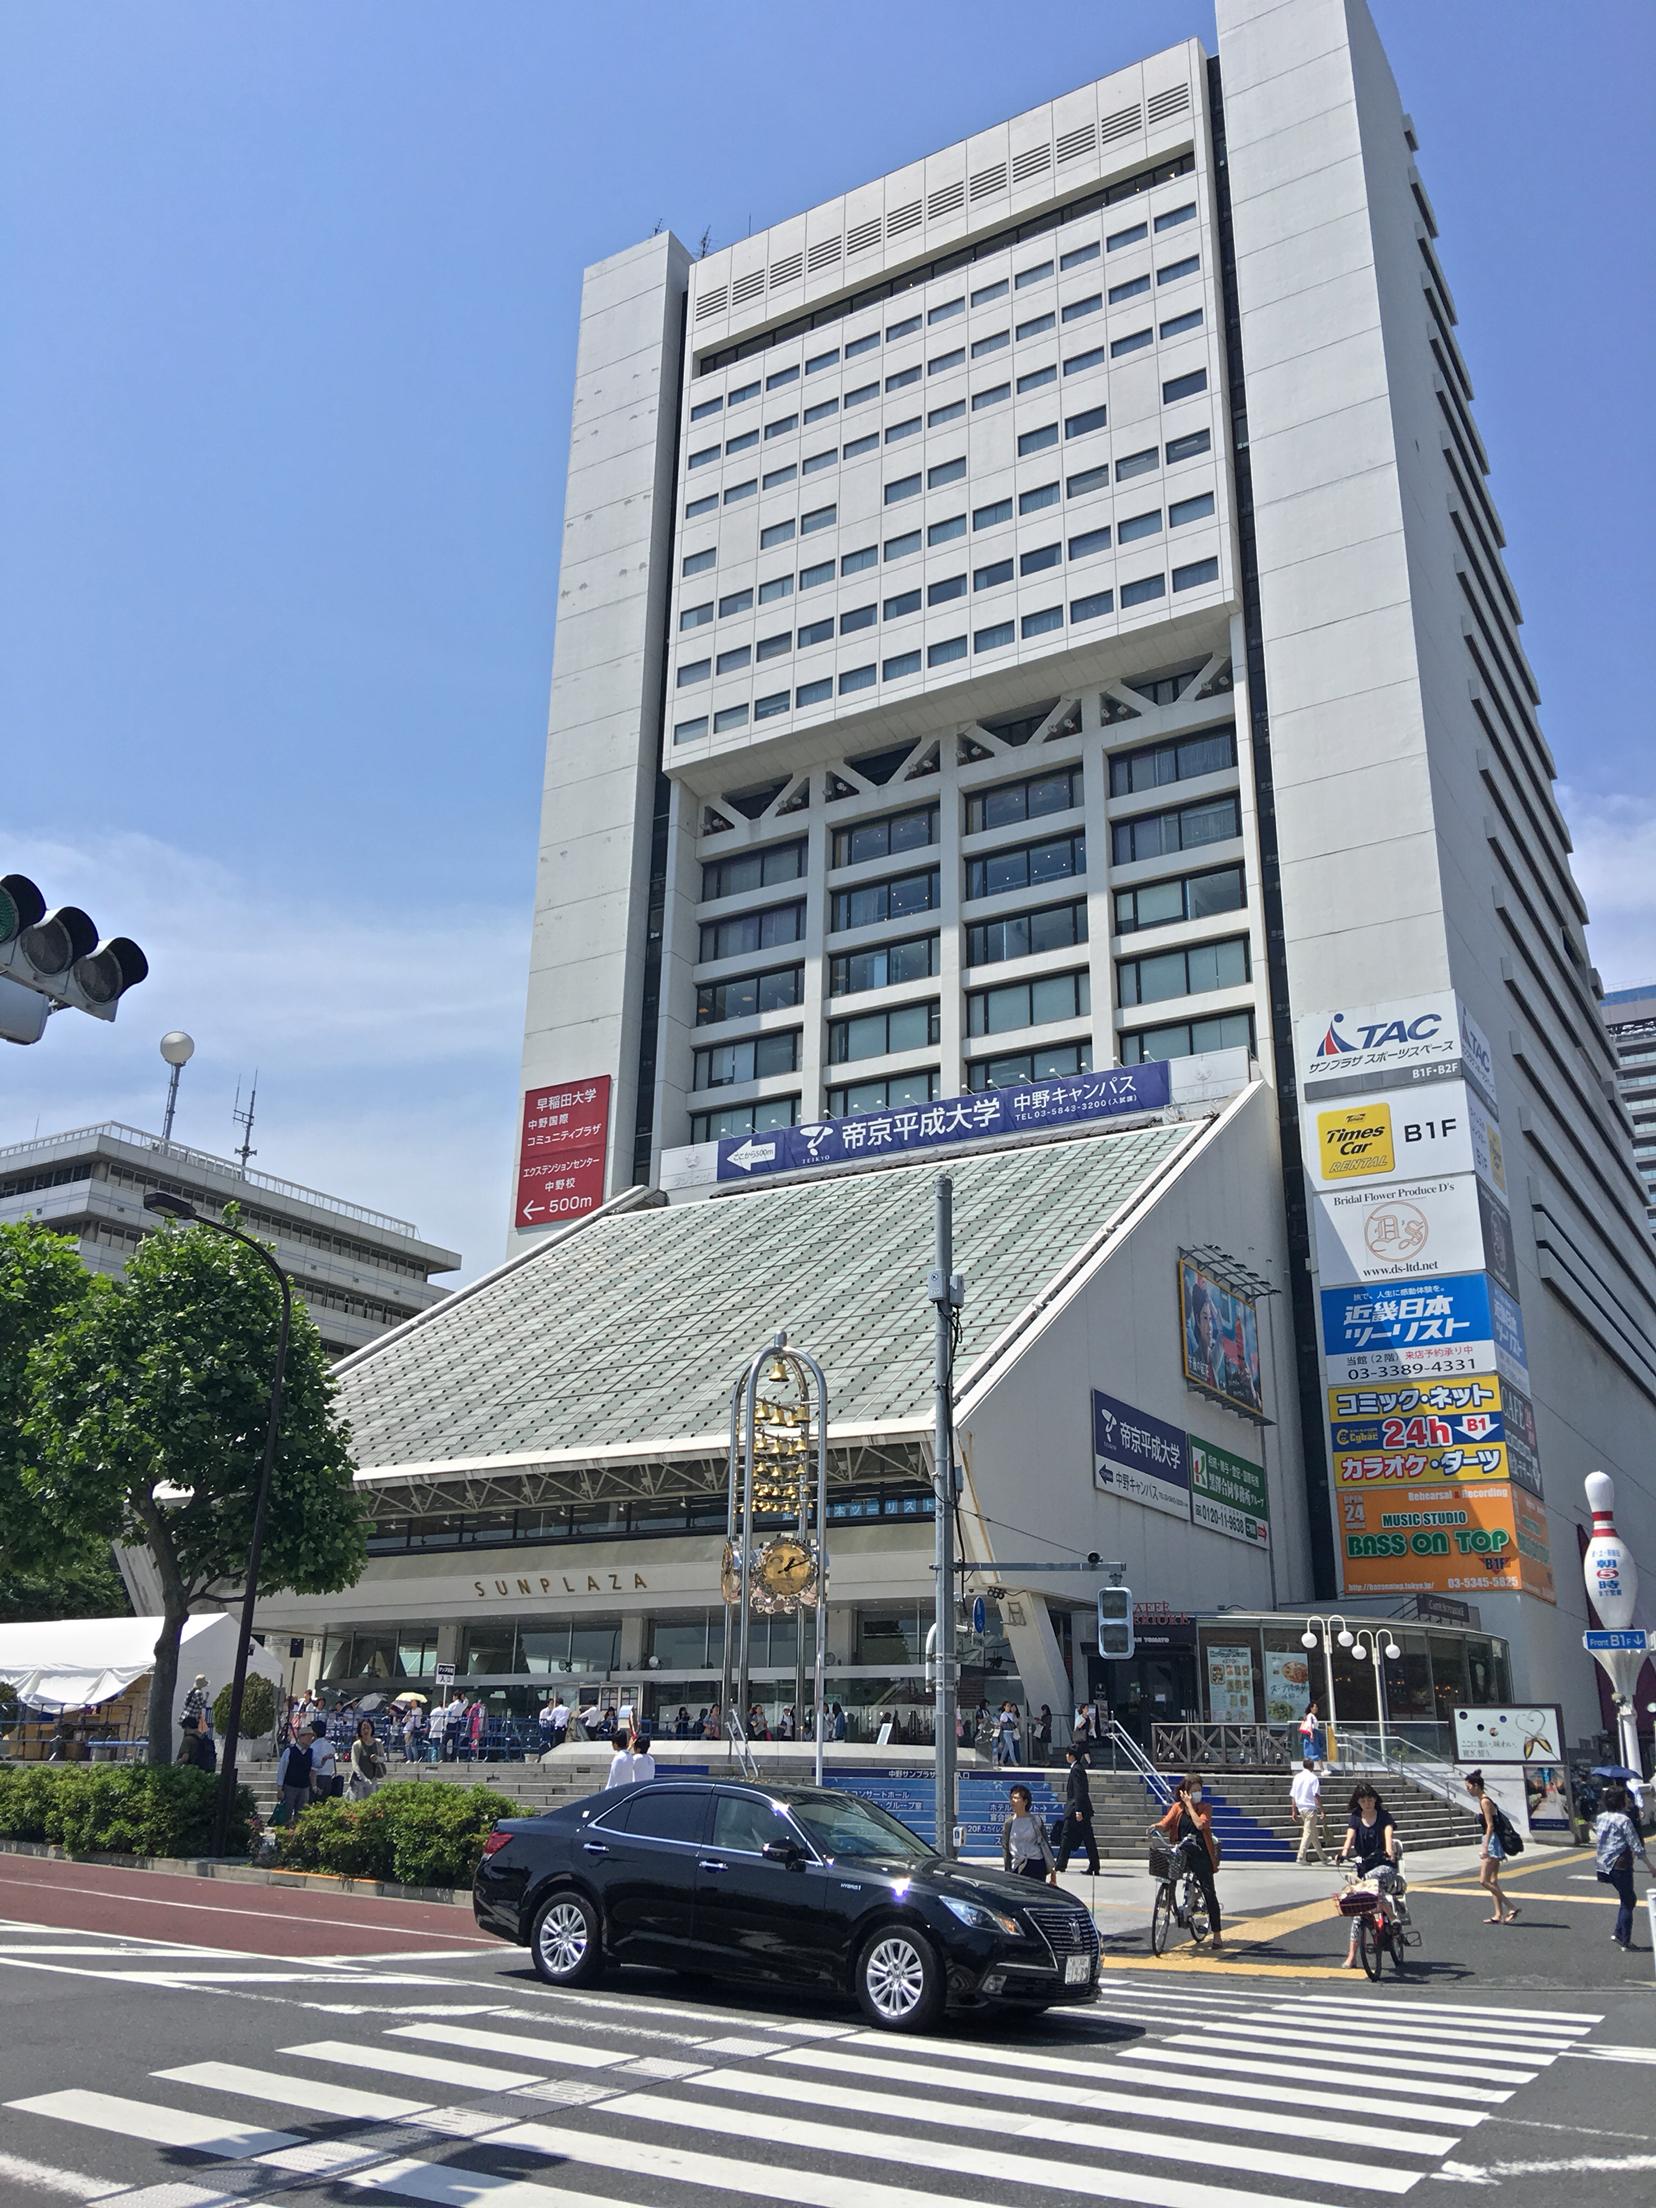 도쿄 나카노